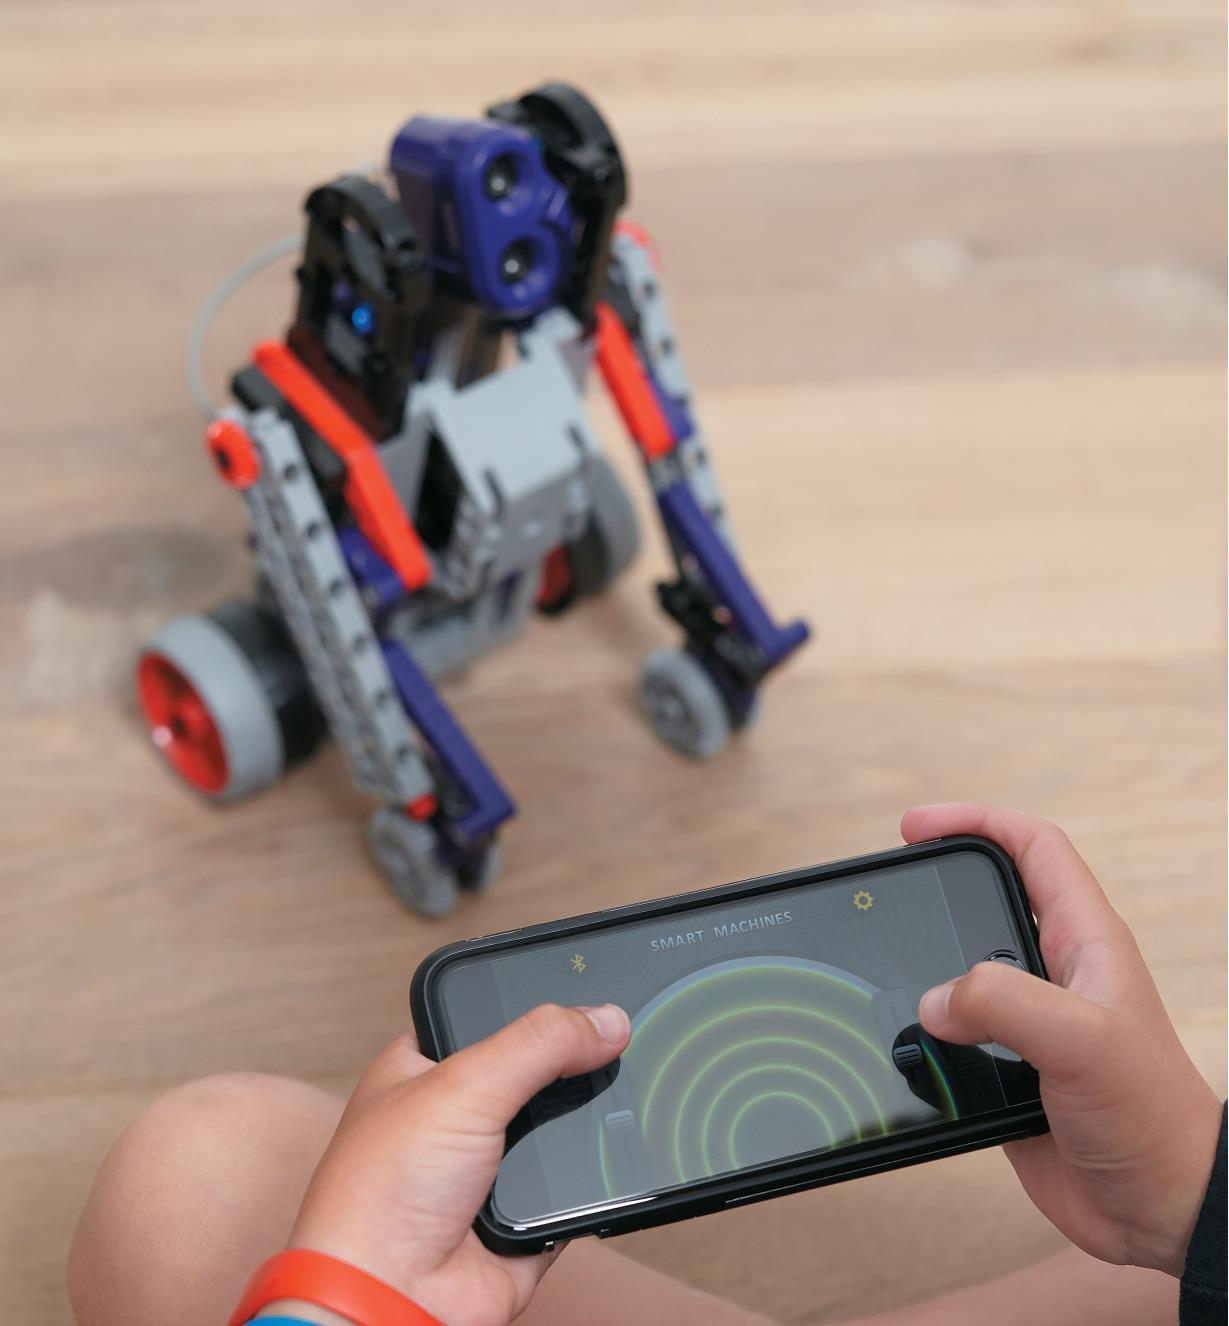 Un enfant commande le robot à distance à l'aide d'un téléphone intelligent.